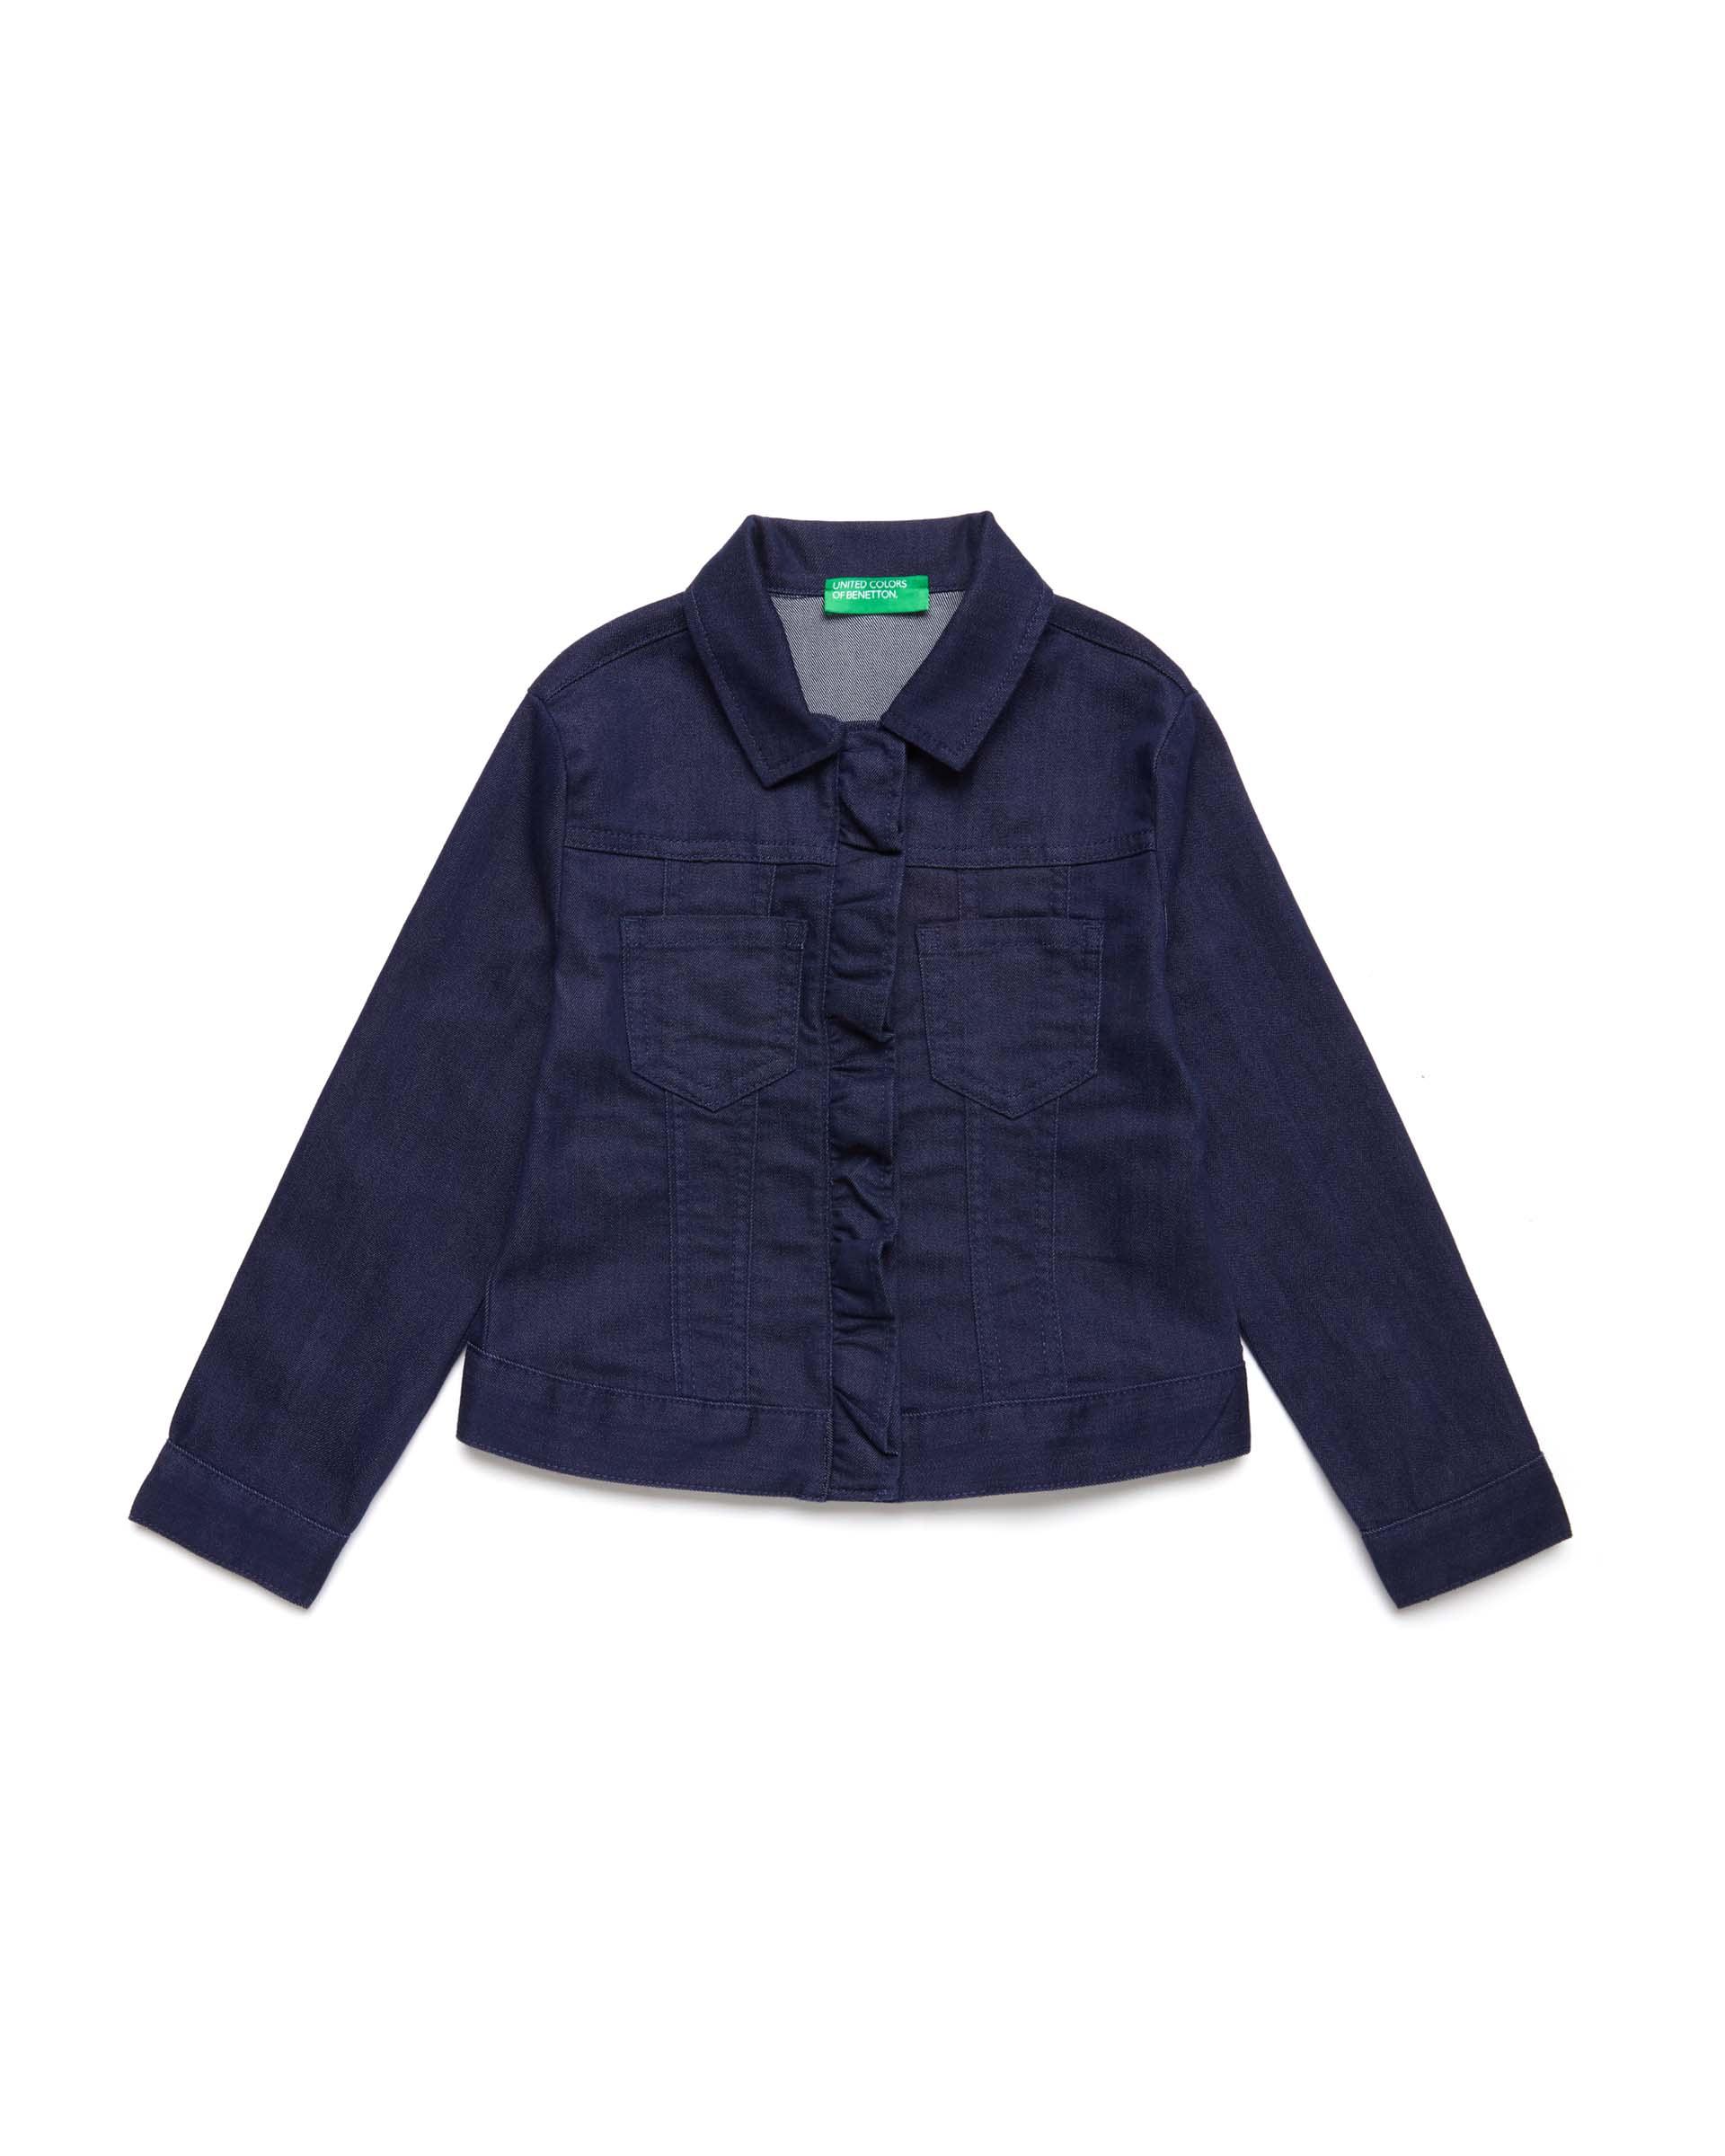 Купить 20P_2HB553I30_252, Джинсовая куртка для девочек Benetton 2HB553I30_252 р-р 170, United Colors of Benetton, Куртки для девочек